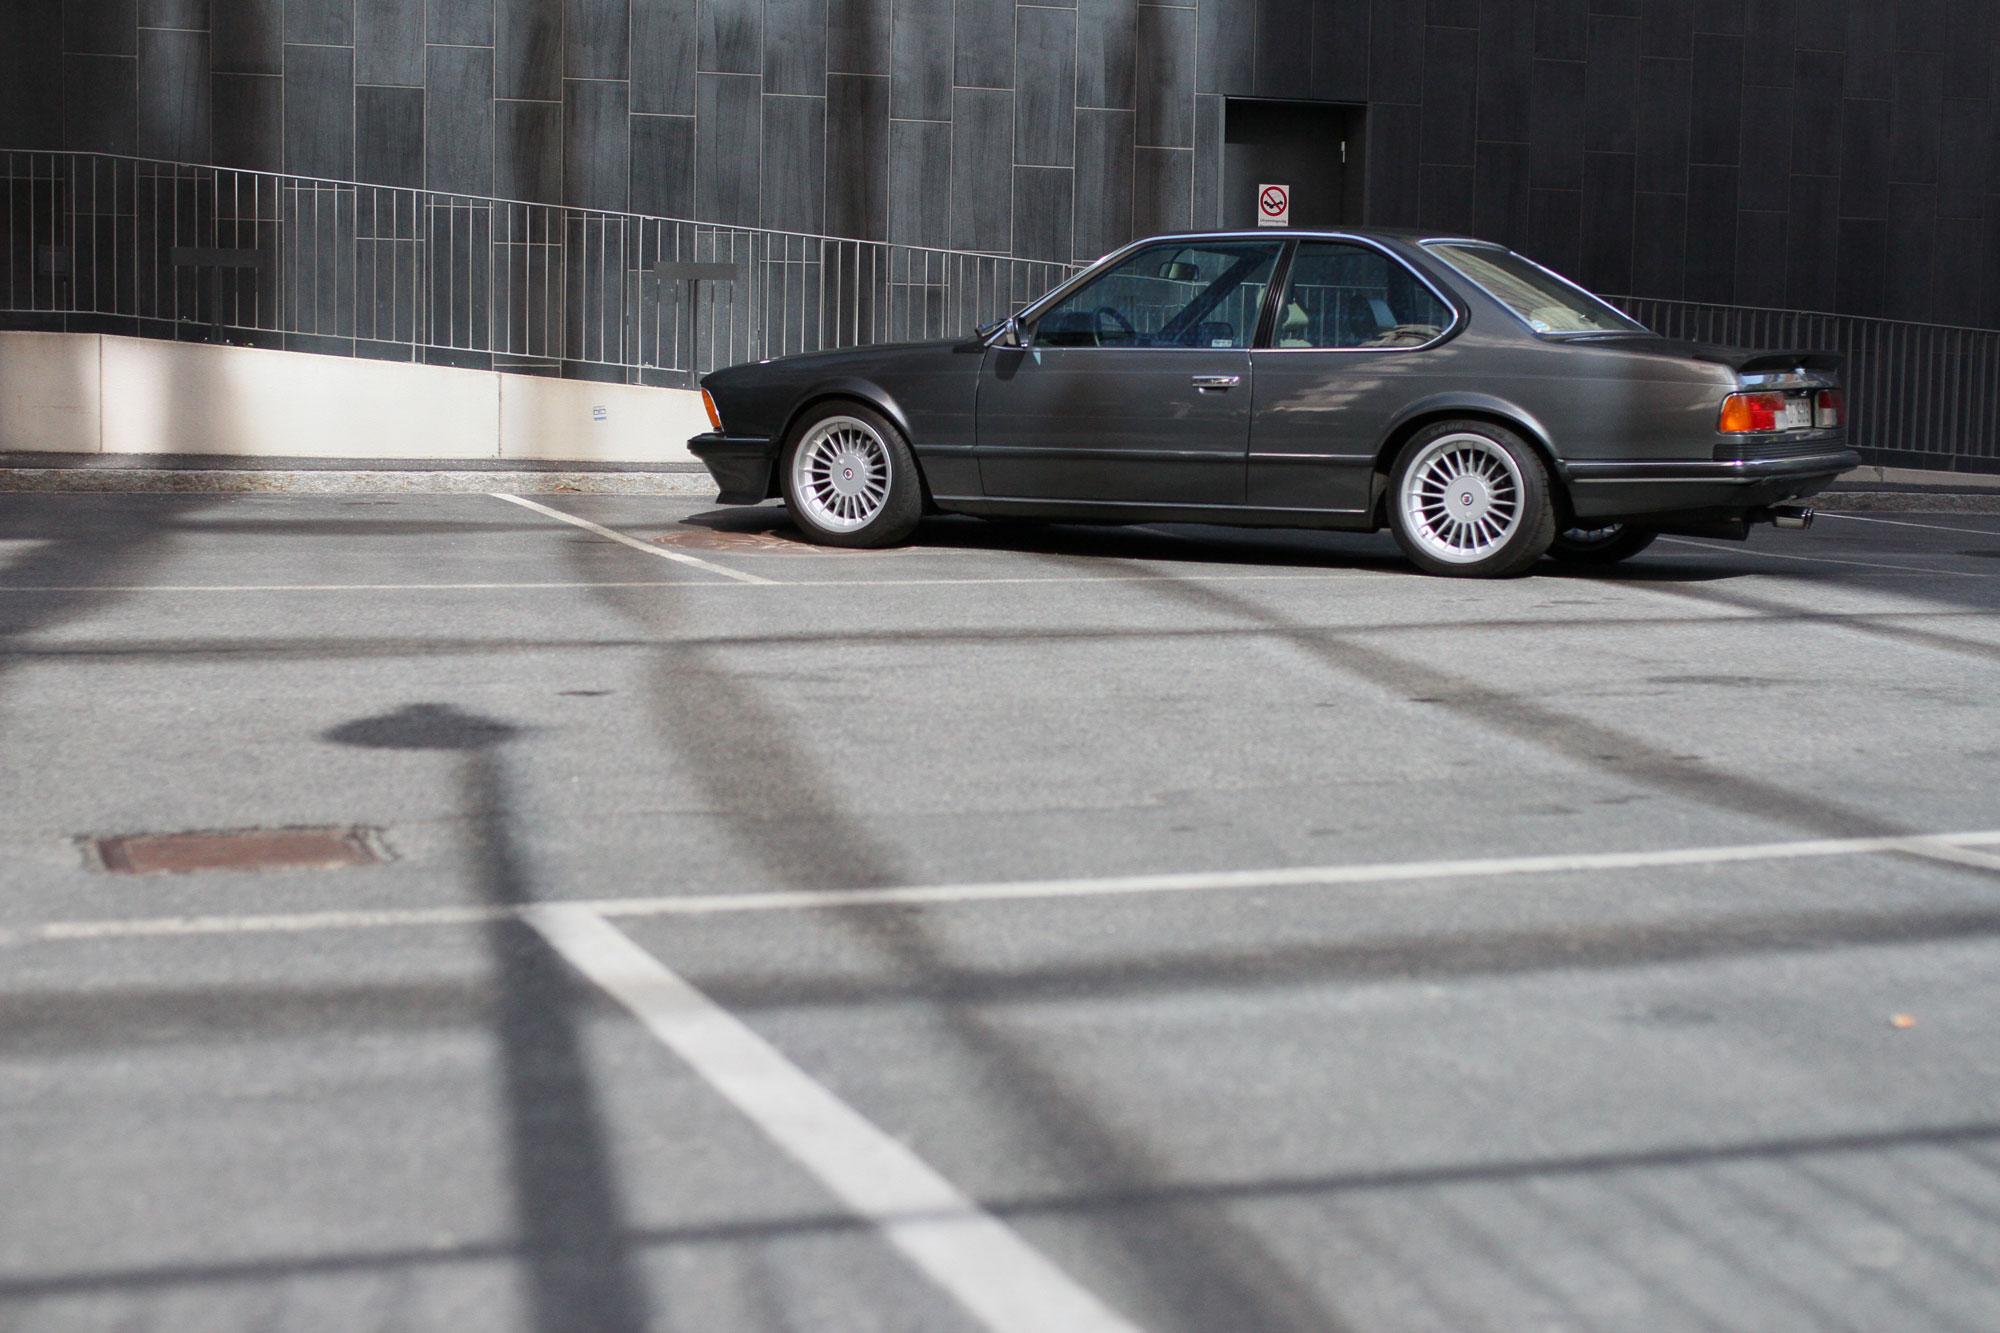 Profil bild av en klassisk 80 tals BMW